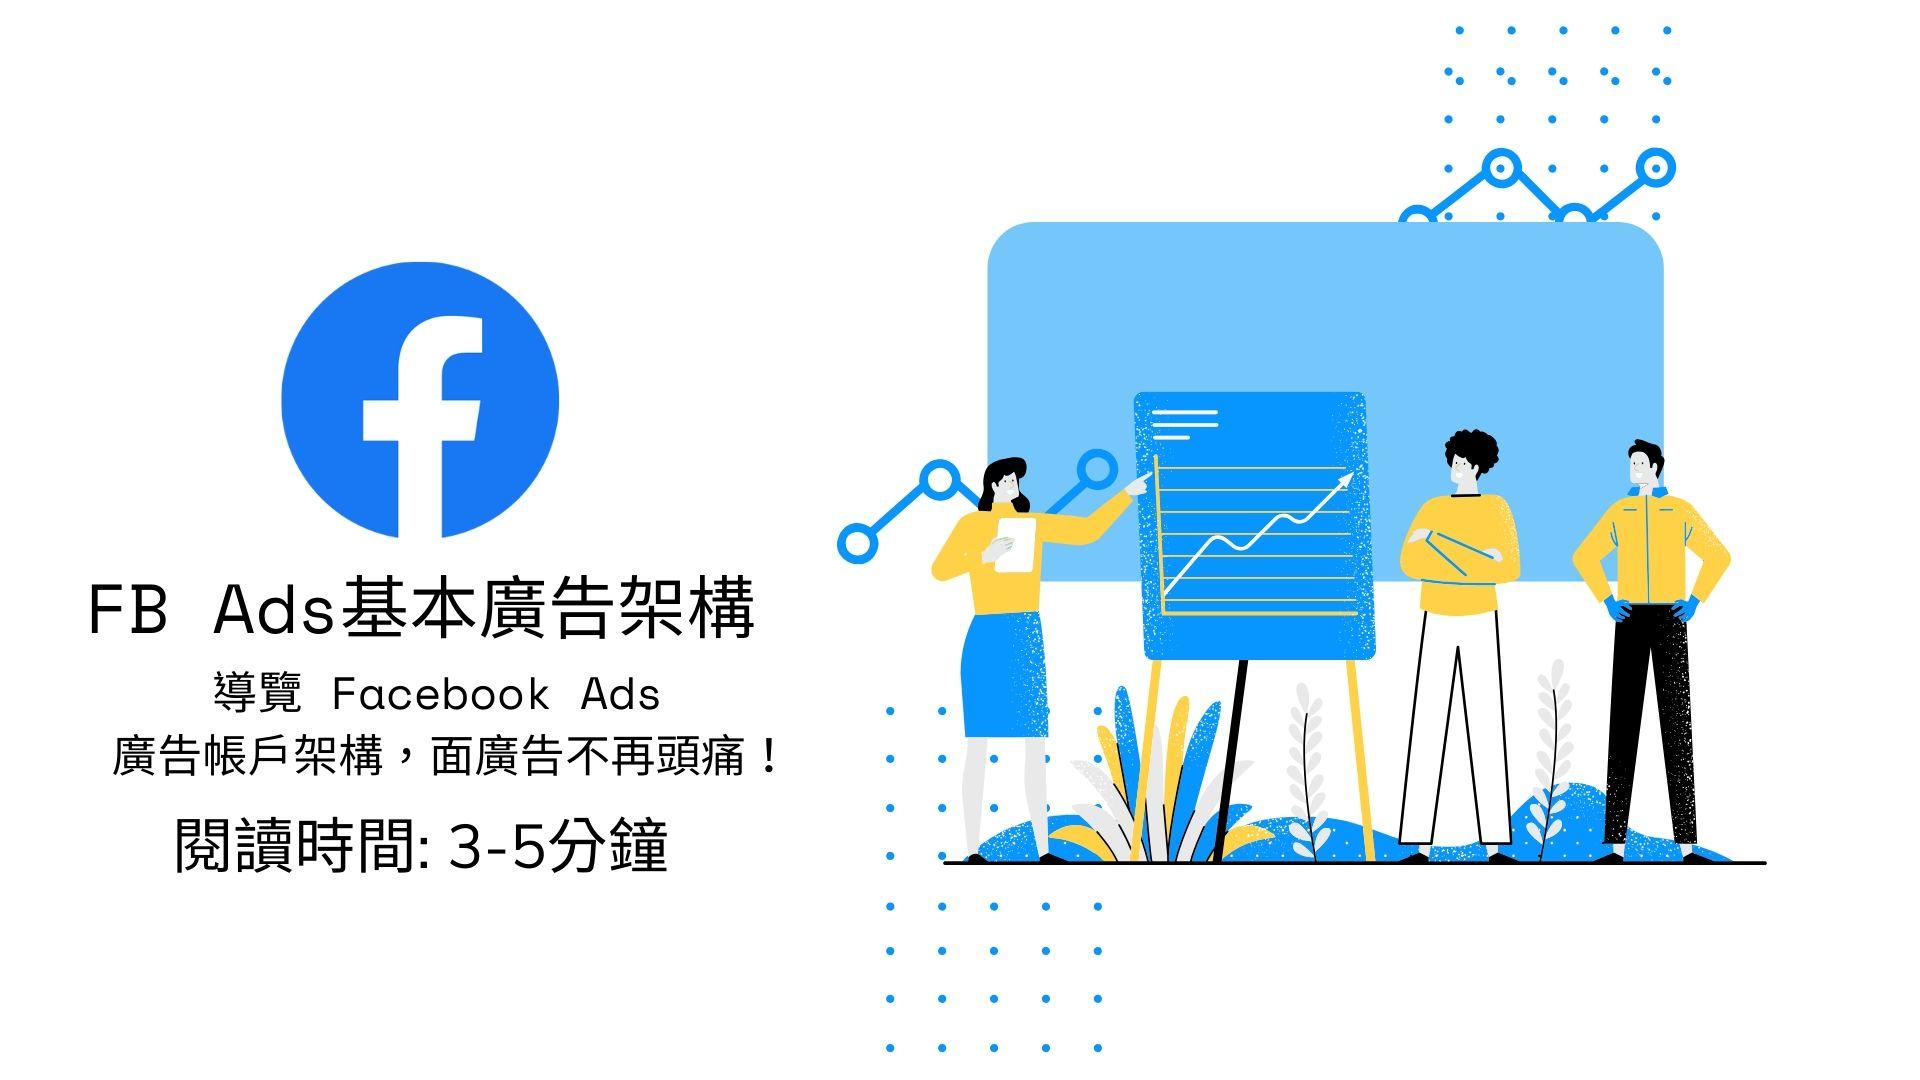 導覽 Facebook Ads 廣告帳戶架構,面對複雜廣告不再頭痛!